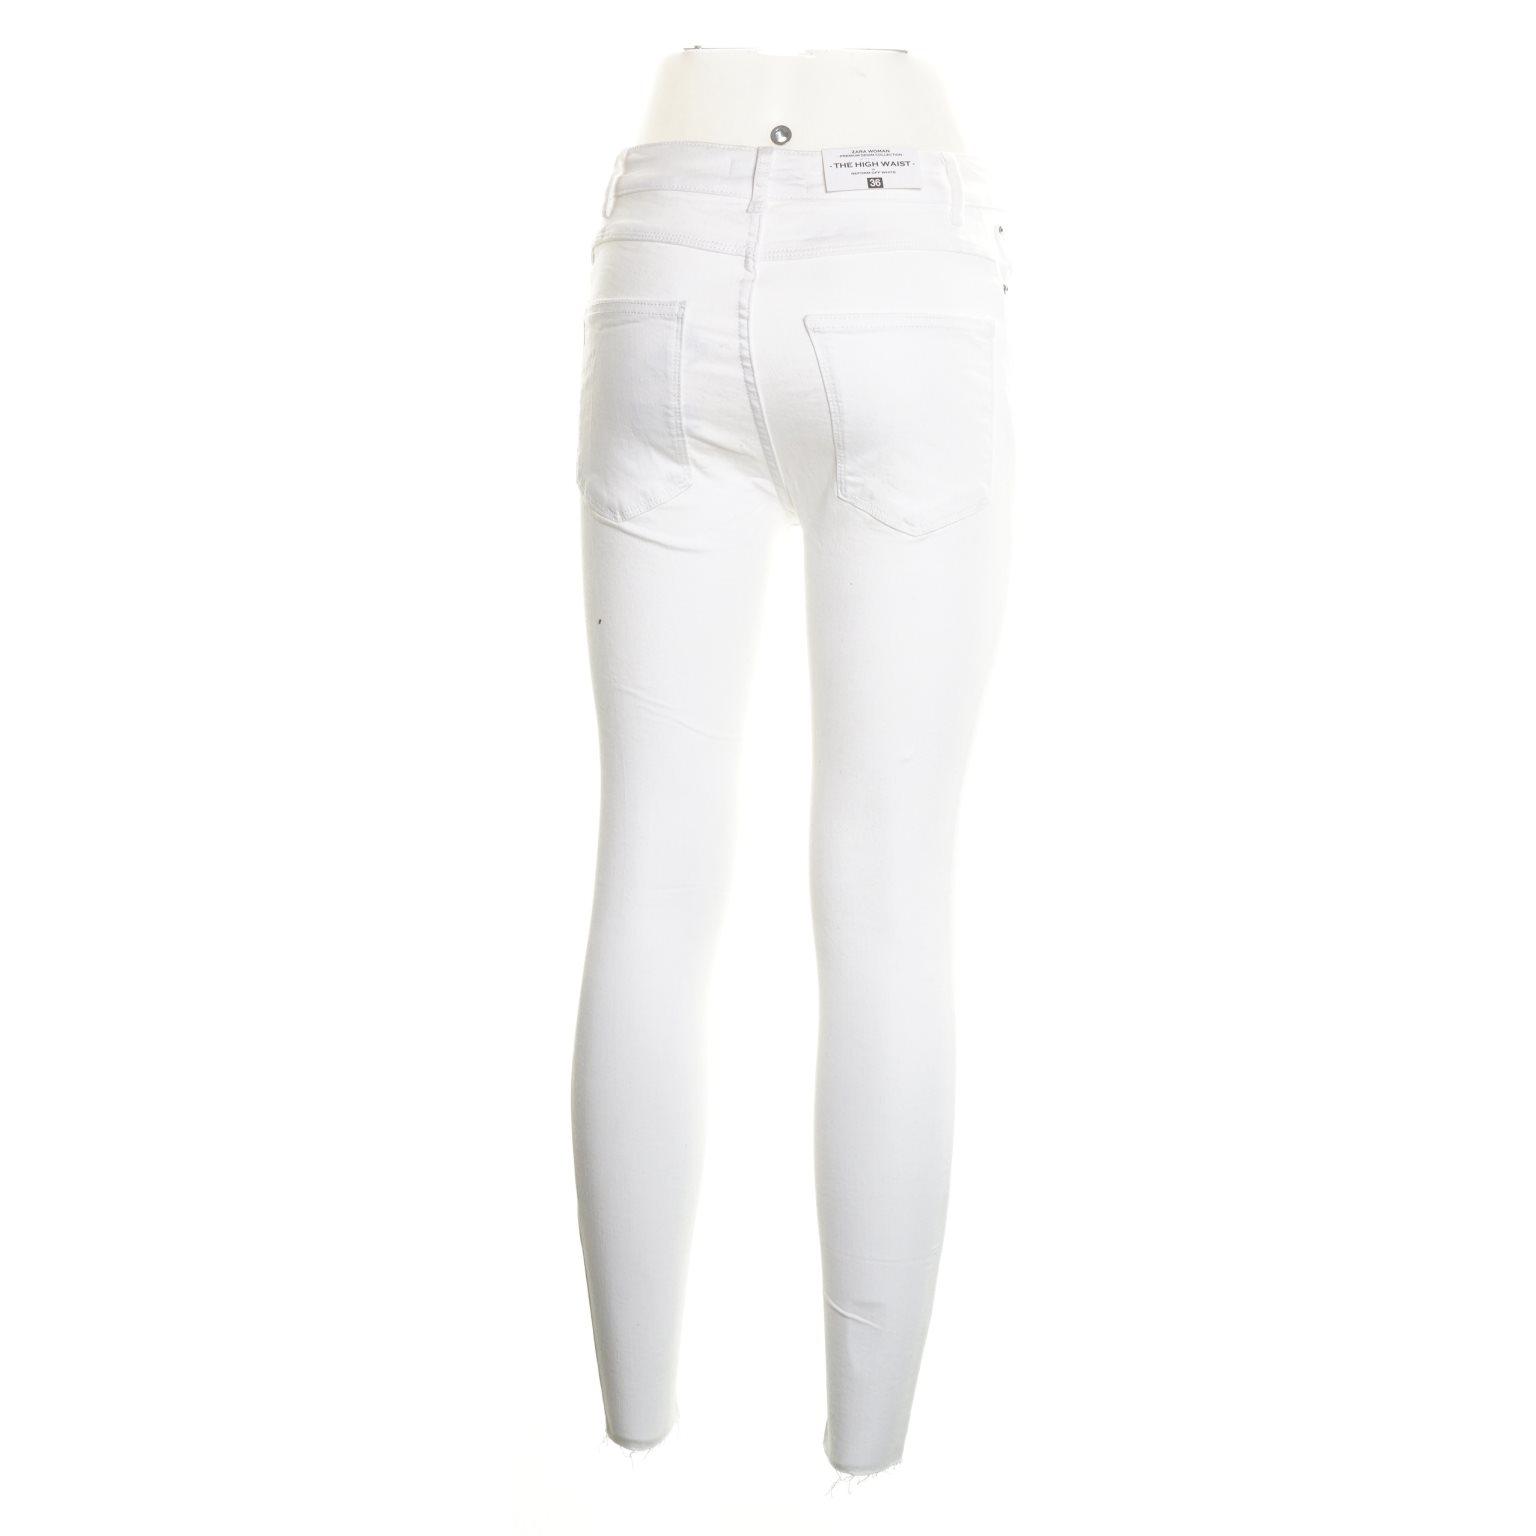 Zara Woman, Jeans, Strl: Strl: Strl: 36, Slim Skinny High, Vit a563e1